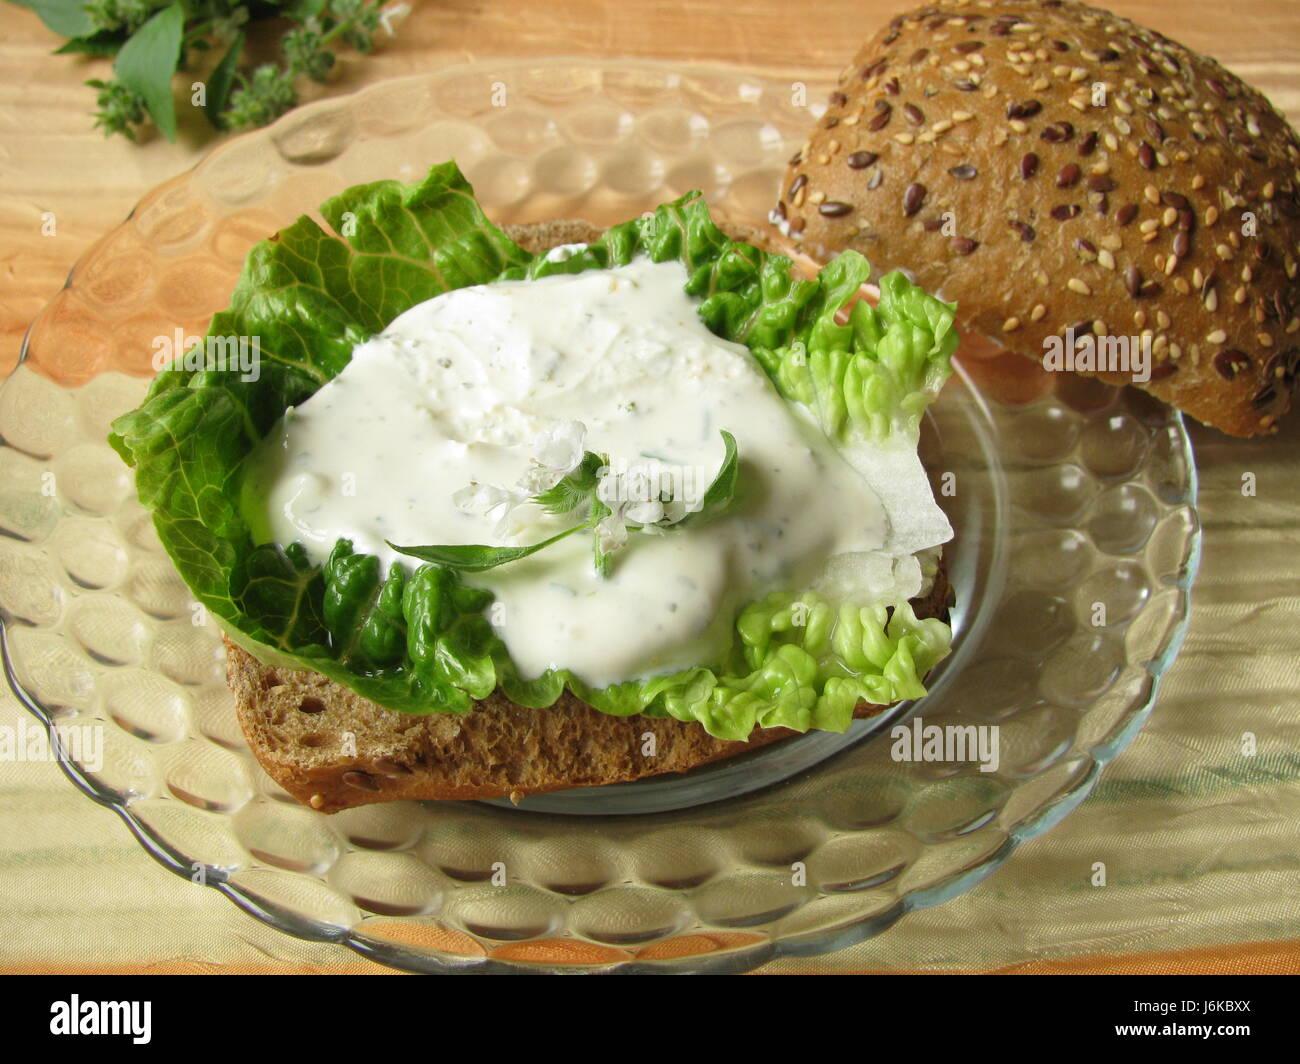 Brötchen Kaiser Kräuter Sandwich einen Mangel an Kalorien Quark Quark gesund Stockbild